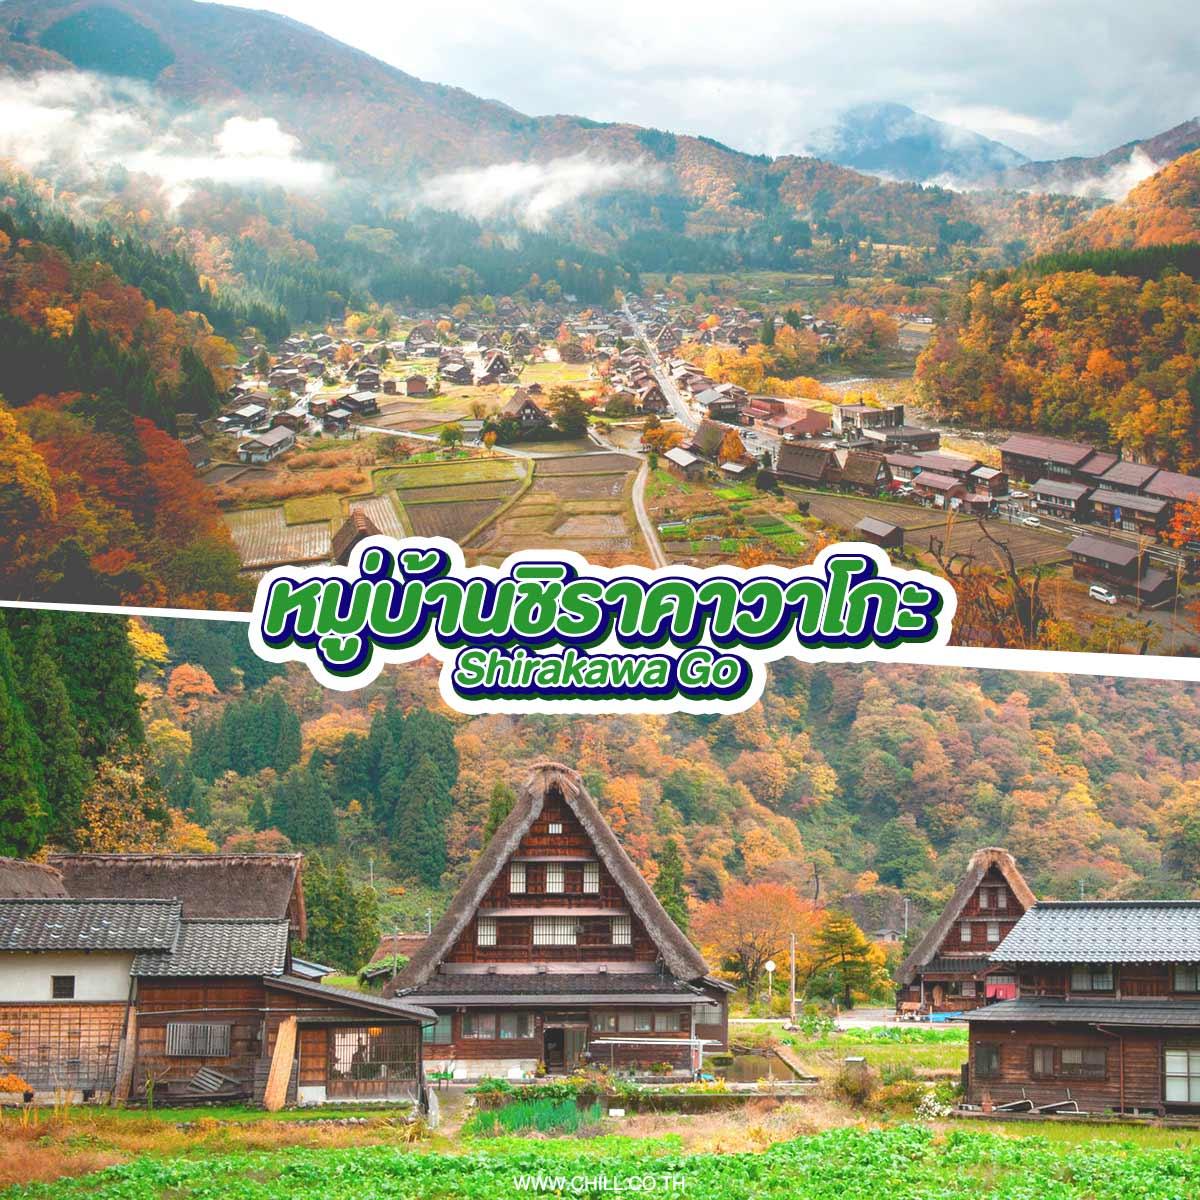 หมู่บ้านโบราณชิราคาวาโกะ